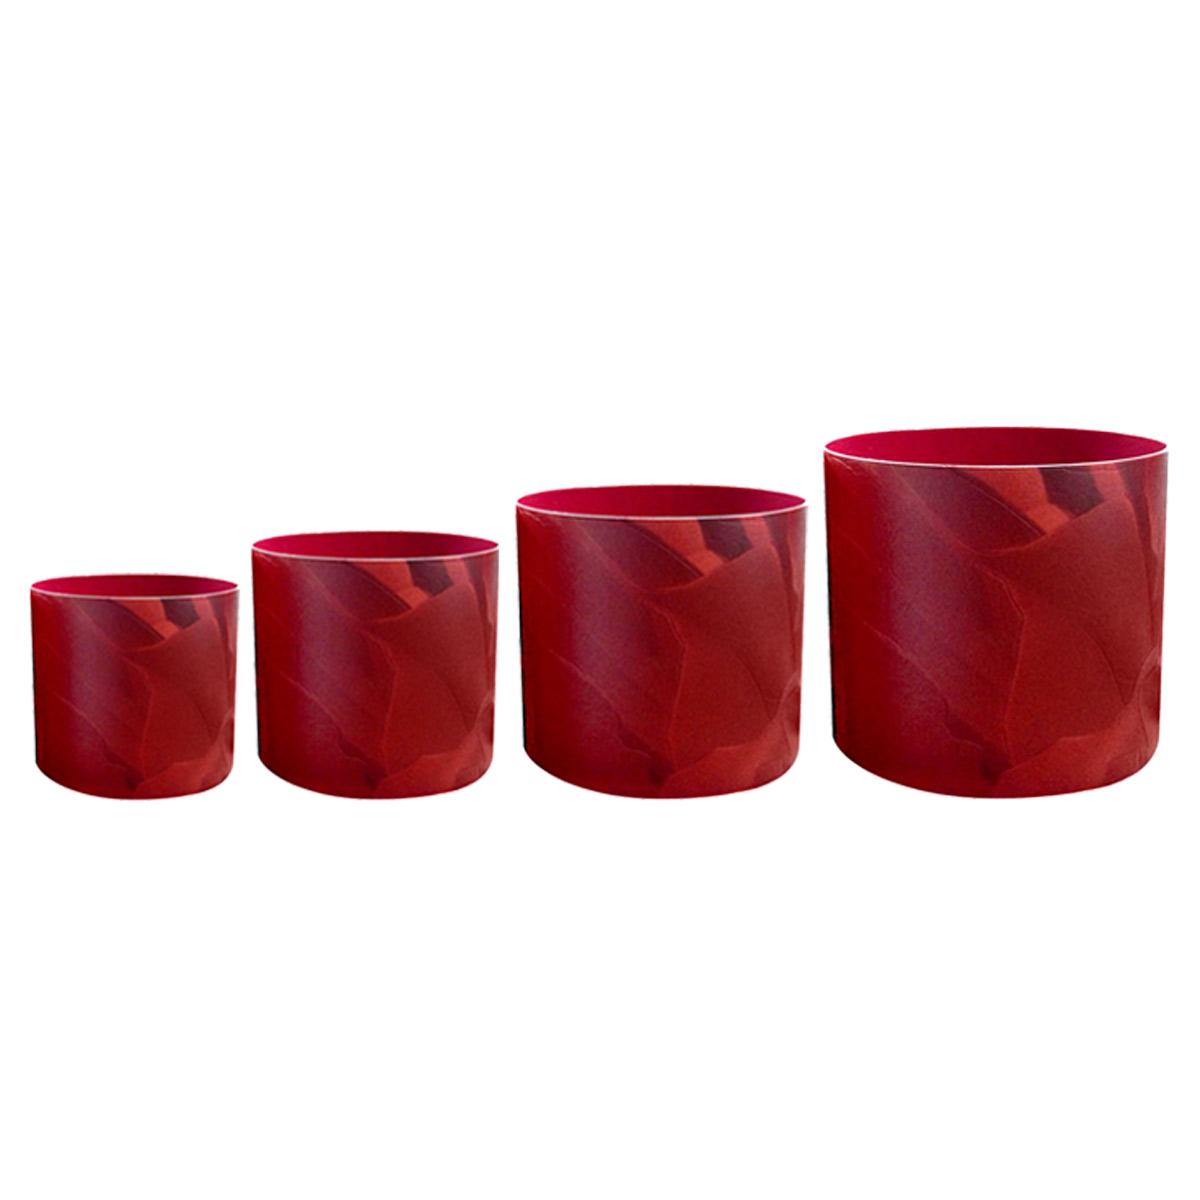 Набор горшков для цветов Miolla Красная кожа, со скрытым поддоном, 4 предметаSMG-SET21Набор Miolla Красная кожа состоит из 4 горшков со скрытыми поддонами. Горшки выполнены из пластика. Изделия предназначены для цветов. Изделия оснащены специальными скрытыми поддонами. Диаметр горшков: 20,5 см, 16,5 см, 13,5 см, 11,5 см. Высота горшков (с учетом поддона): 19 см, 16 см, 13,5 см, 11,5 см. Объем горшков: 1 л, 1,7 л, 2,8 л, 5,1 л.